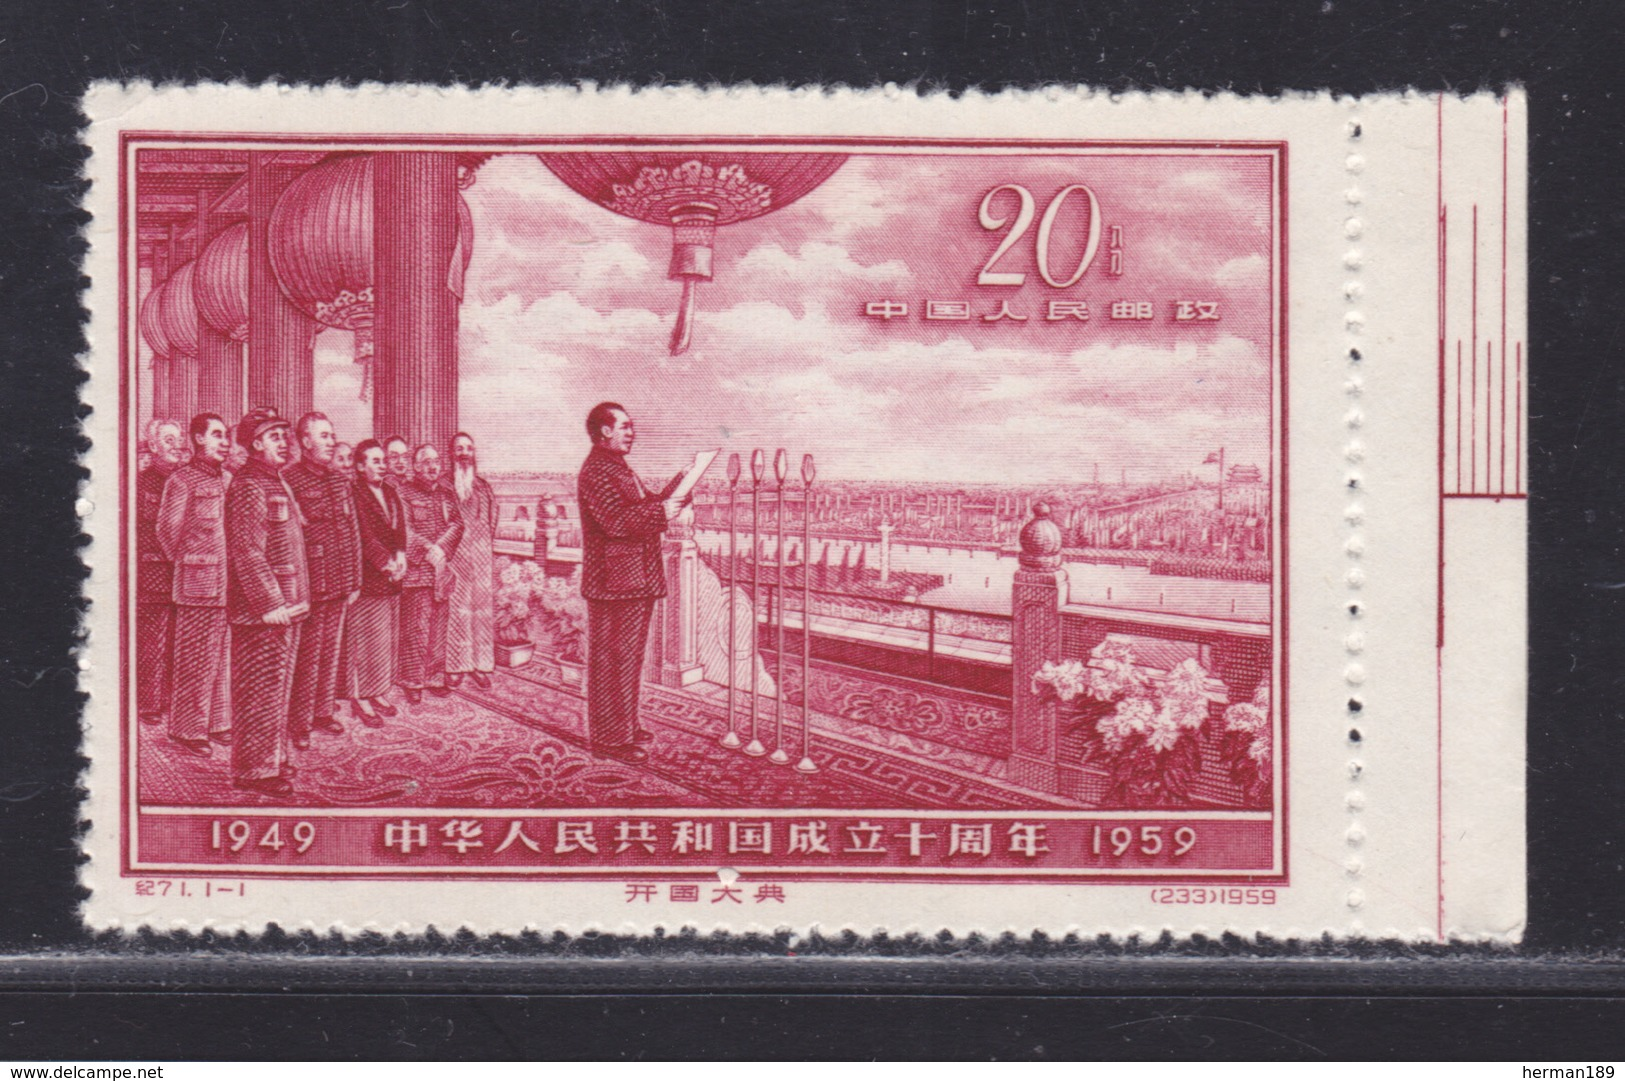 CHINE N° 1242 ** MNH Neuf Sans Charnière, Sans Gomme, TB (D5352) Proclamation De La République Par Mao Tsé-toung - 1949 - ... République Populaire